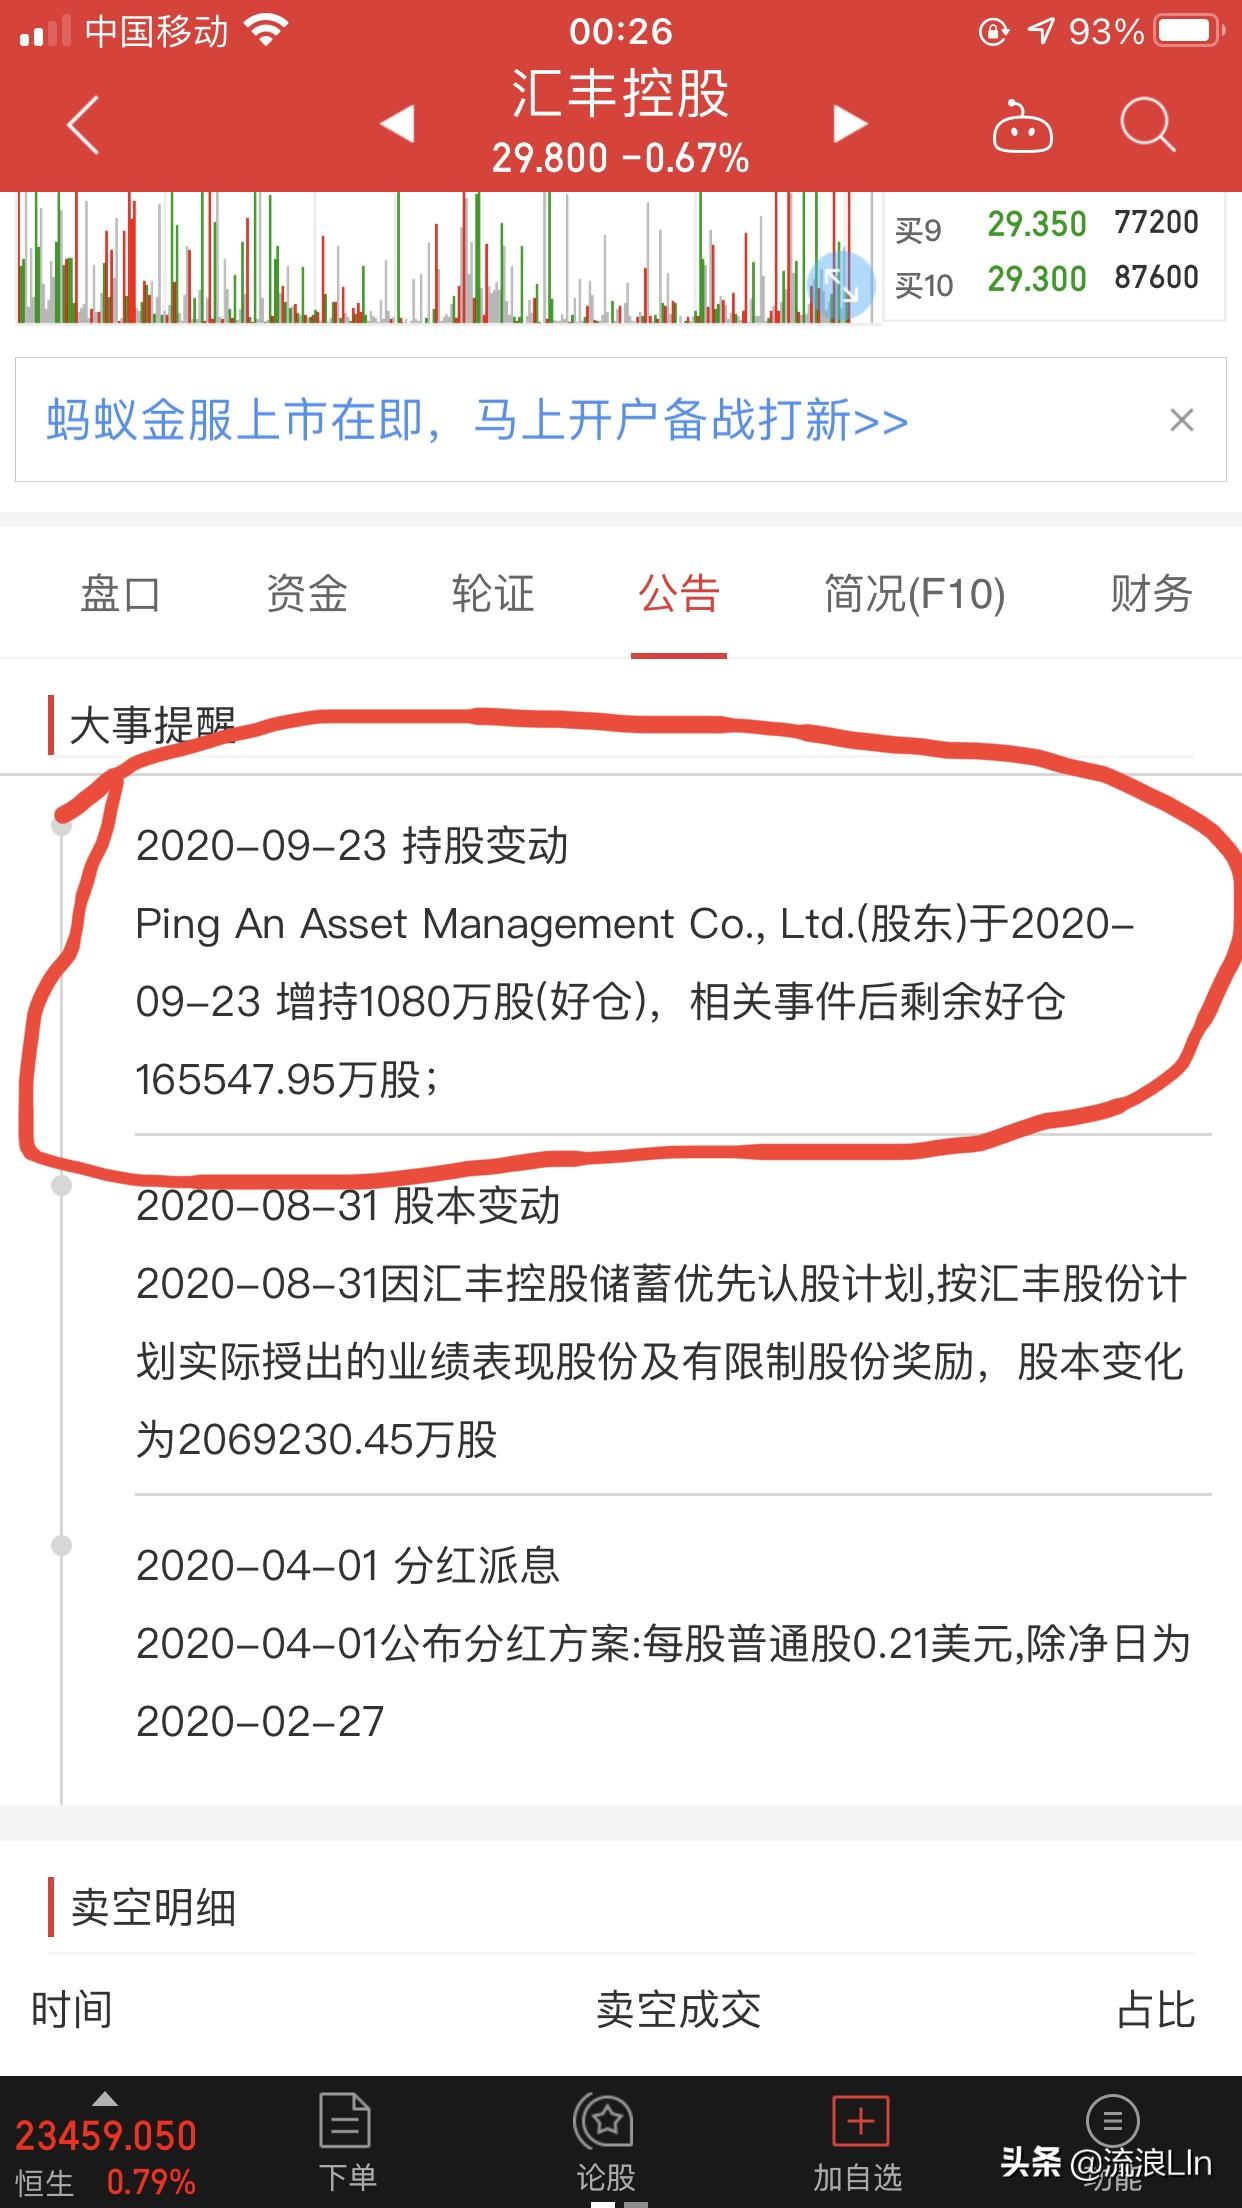 中国平安增持1080万股汇丰银行,从此汉奸平安是路人 流浪Lln 2020-10-01 00:32:35 据港交所日前信息,中国平安在23日以每股平均28港币左右的价格买入1080万股汇丰股票,自此成